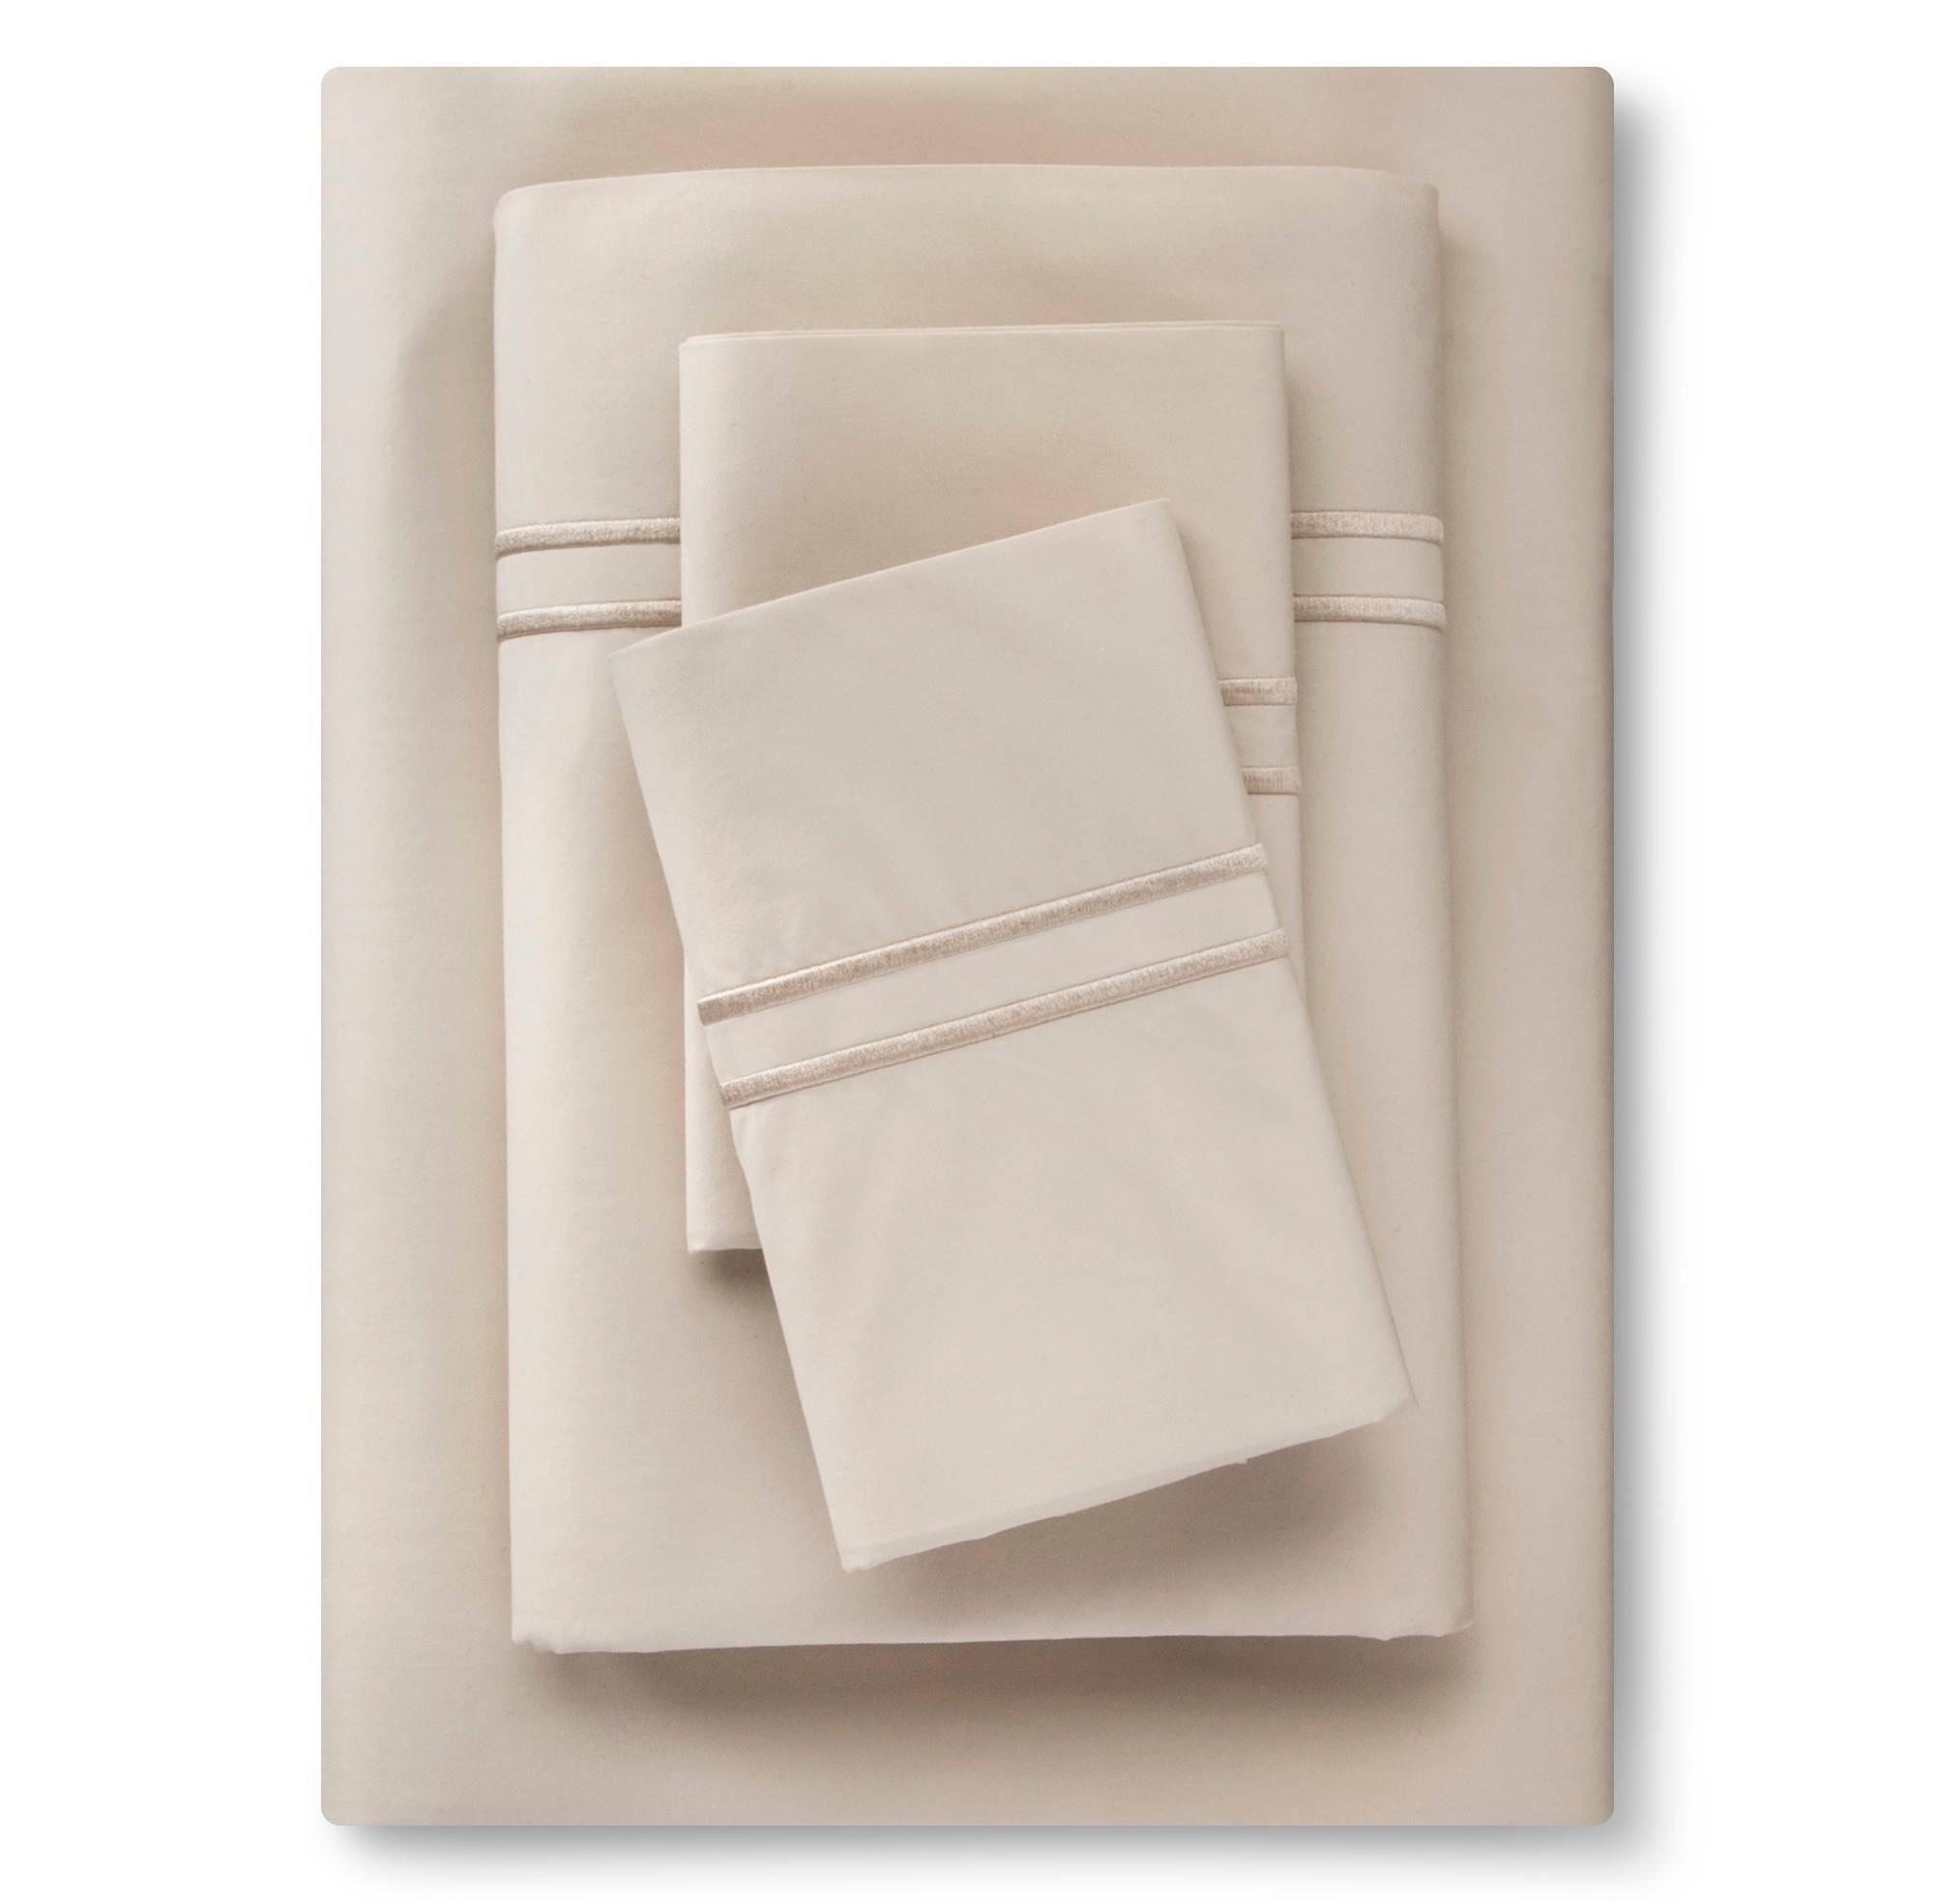 Fieldcrest Luxury Target Sheets: Fieldcrest Supima Cotton Hotel Sheet Set: Cal King $38.25